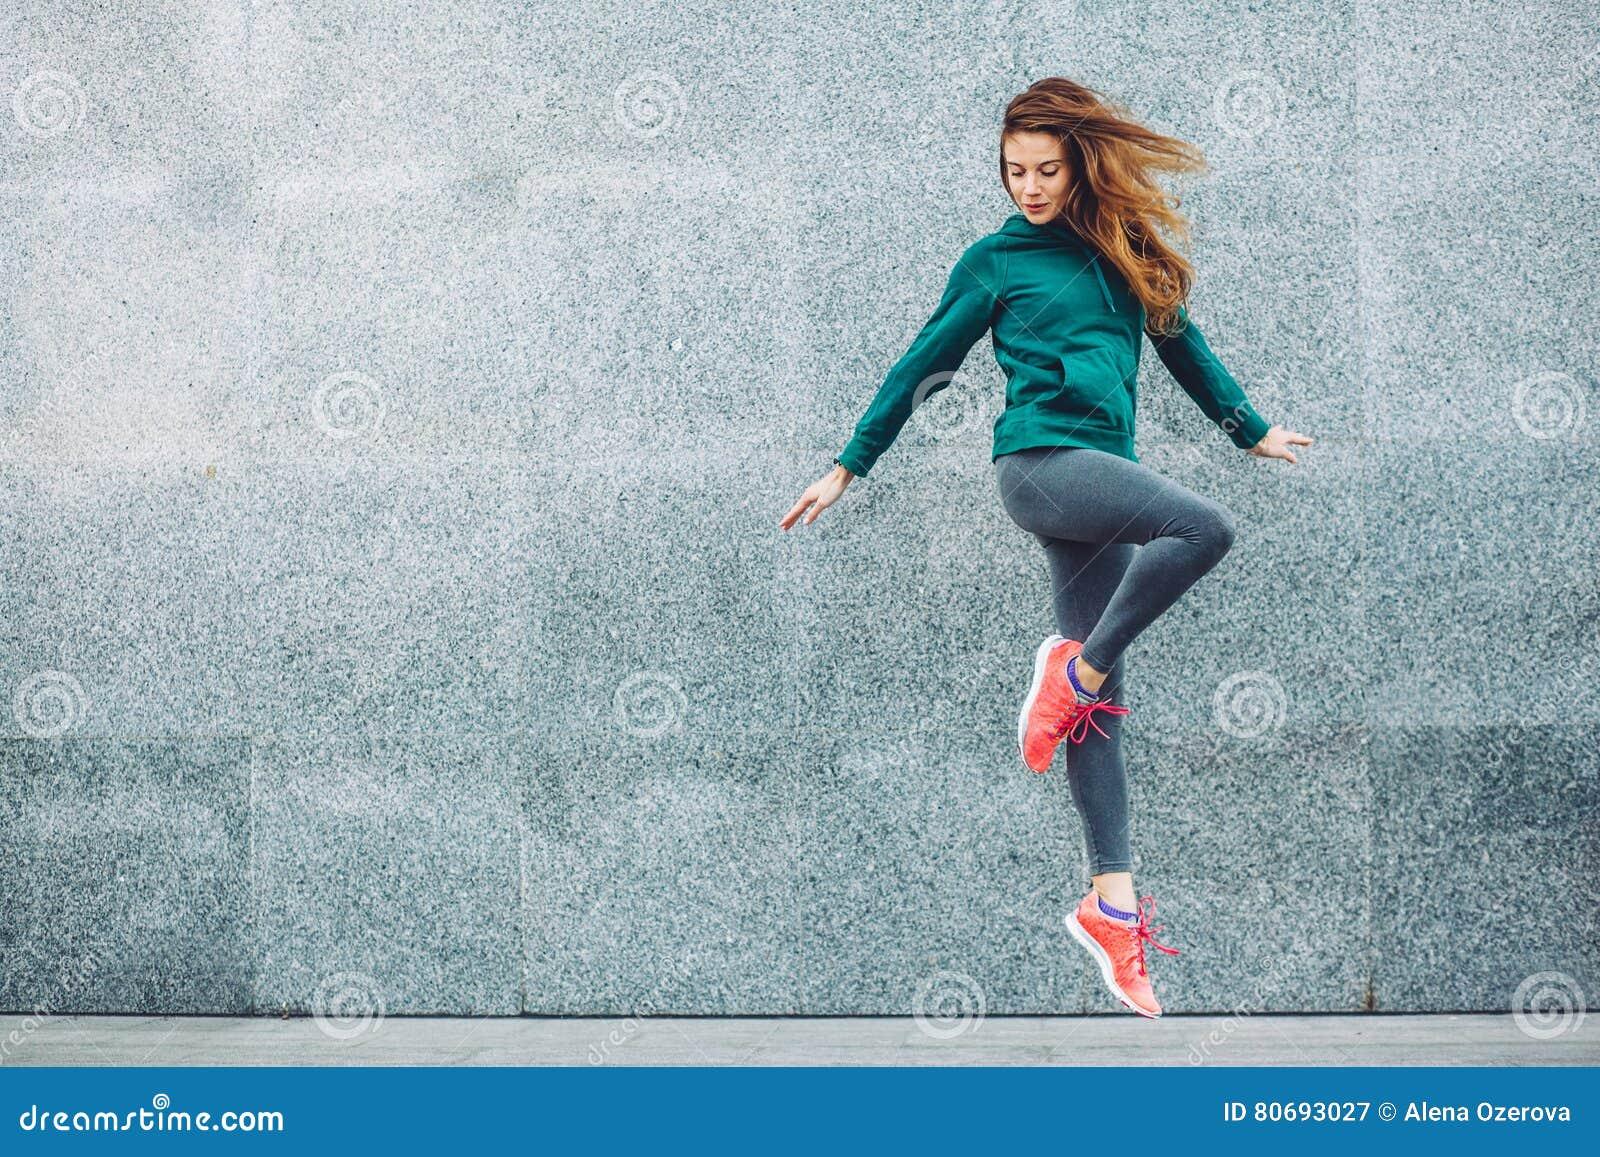 Fitness sportmeisje in de straat